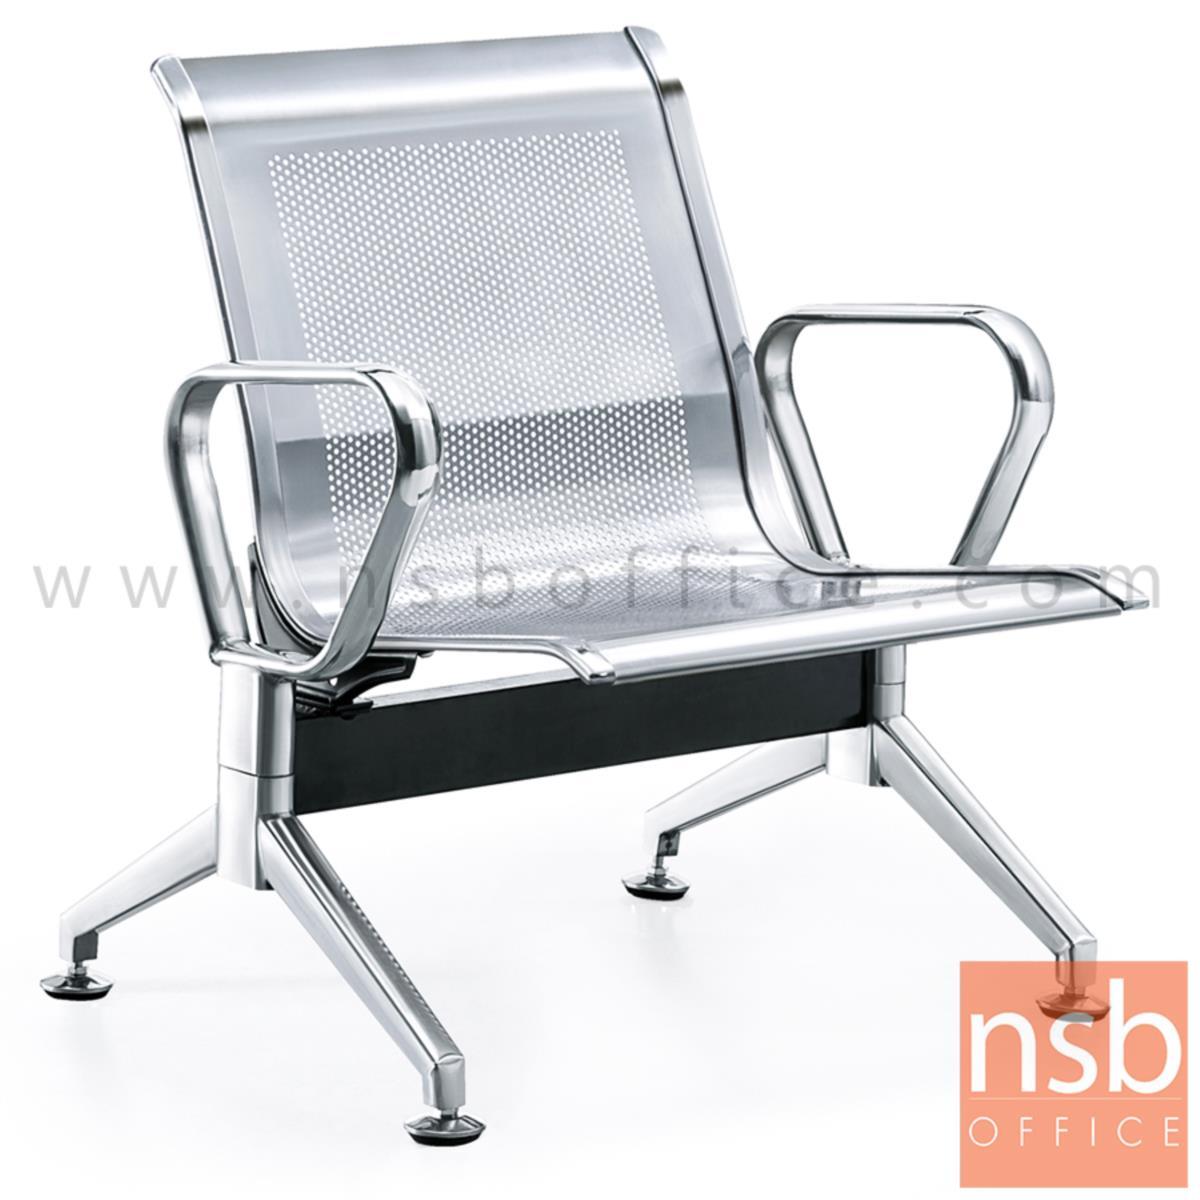 B06A153:เก้าอี้นั่งคอยสแตนเลส รุ่น Everleigh (เอเวอร์เลจ) 1 ที่นั่ง ขาสแตนเลส